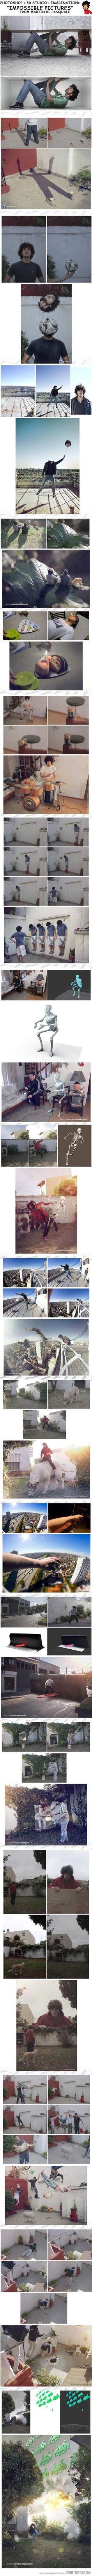 Photoshop + 3d studio + imaginación = imágenes imposibles de Martin De Pasquale - Photoshop + 3d studio + imagination = impossible pictures from martin de pasquale